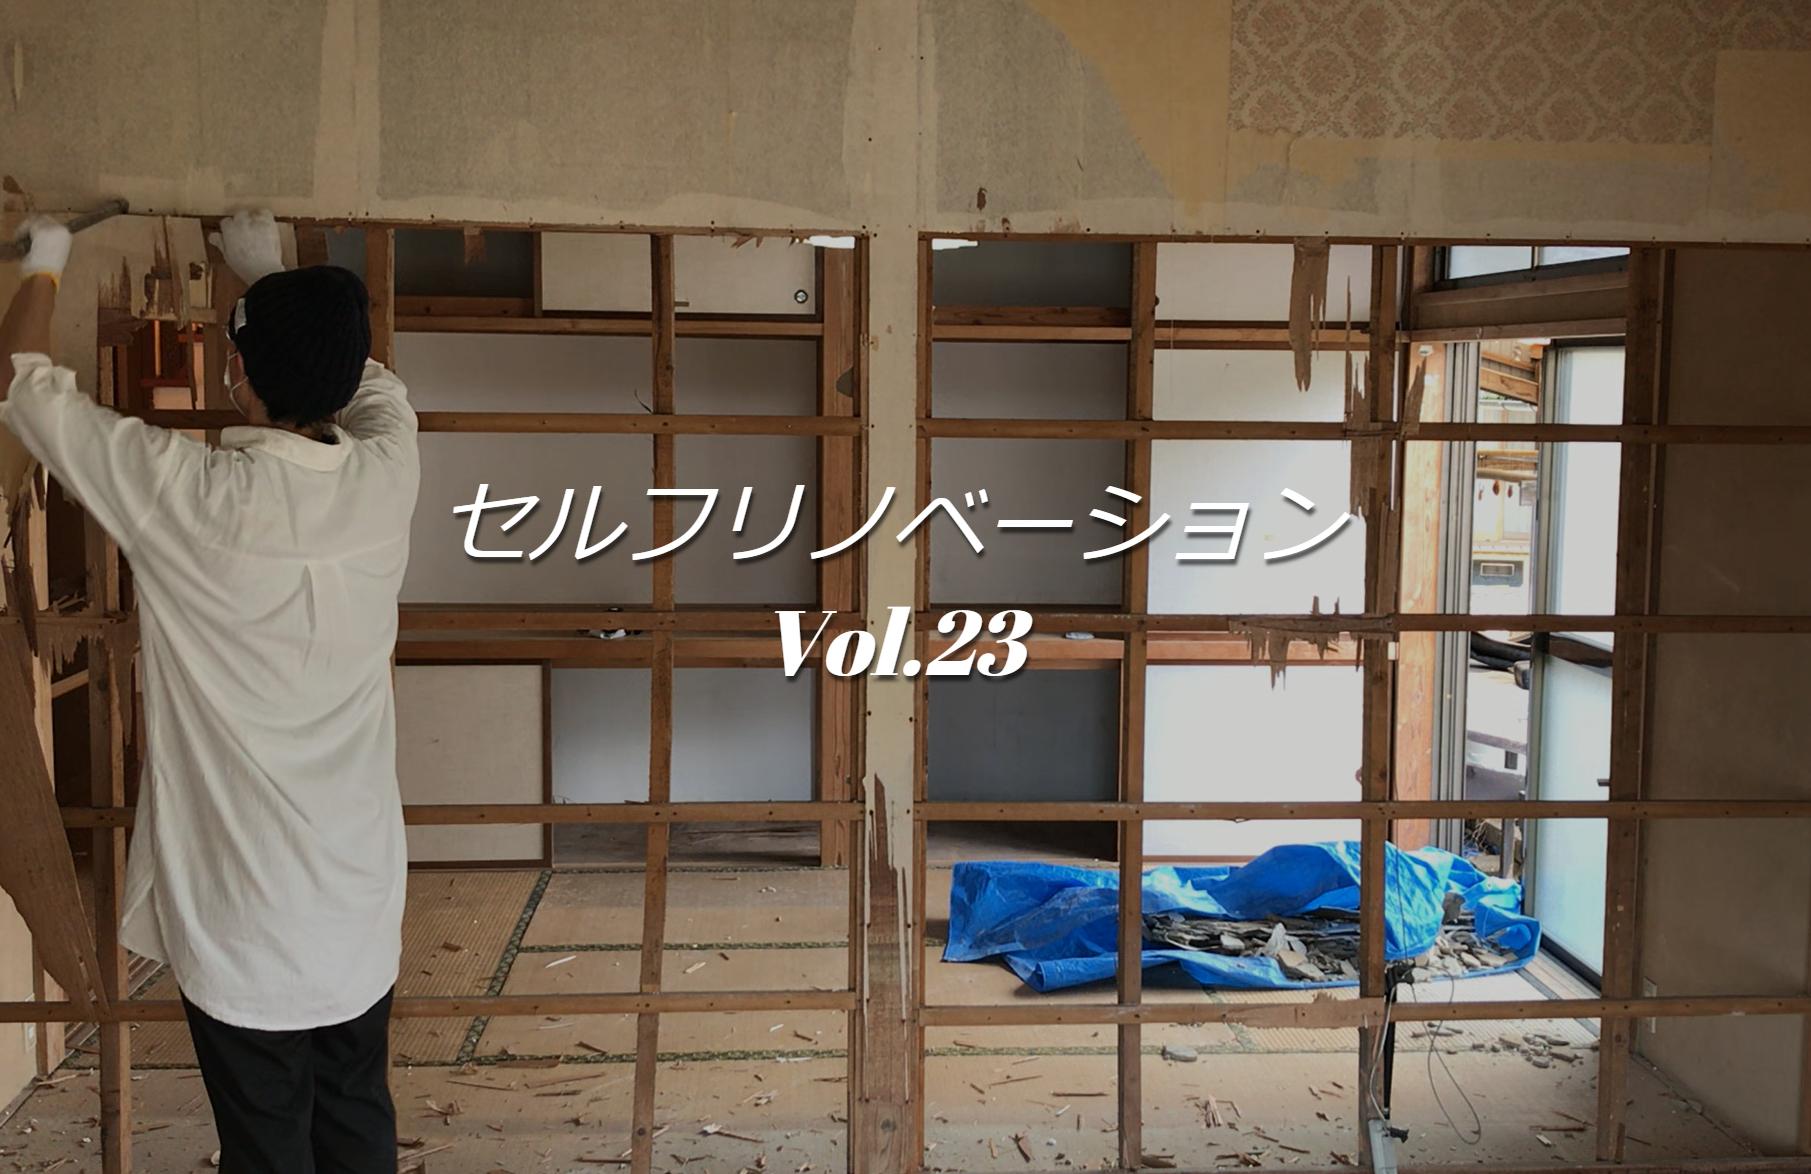 和室の砂壁を抜いて部屋を繋げる Diyで砂壁は簡単に壊せる Vol 23